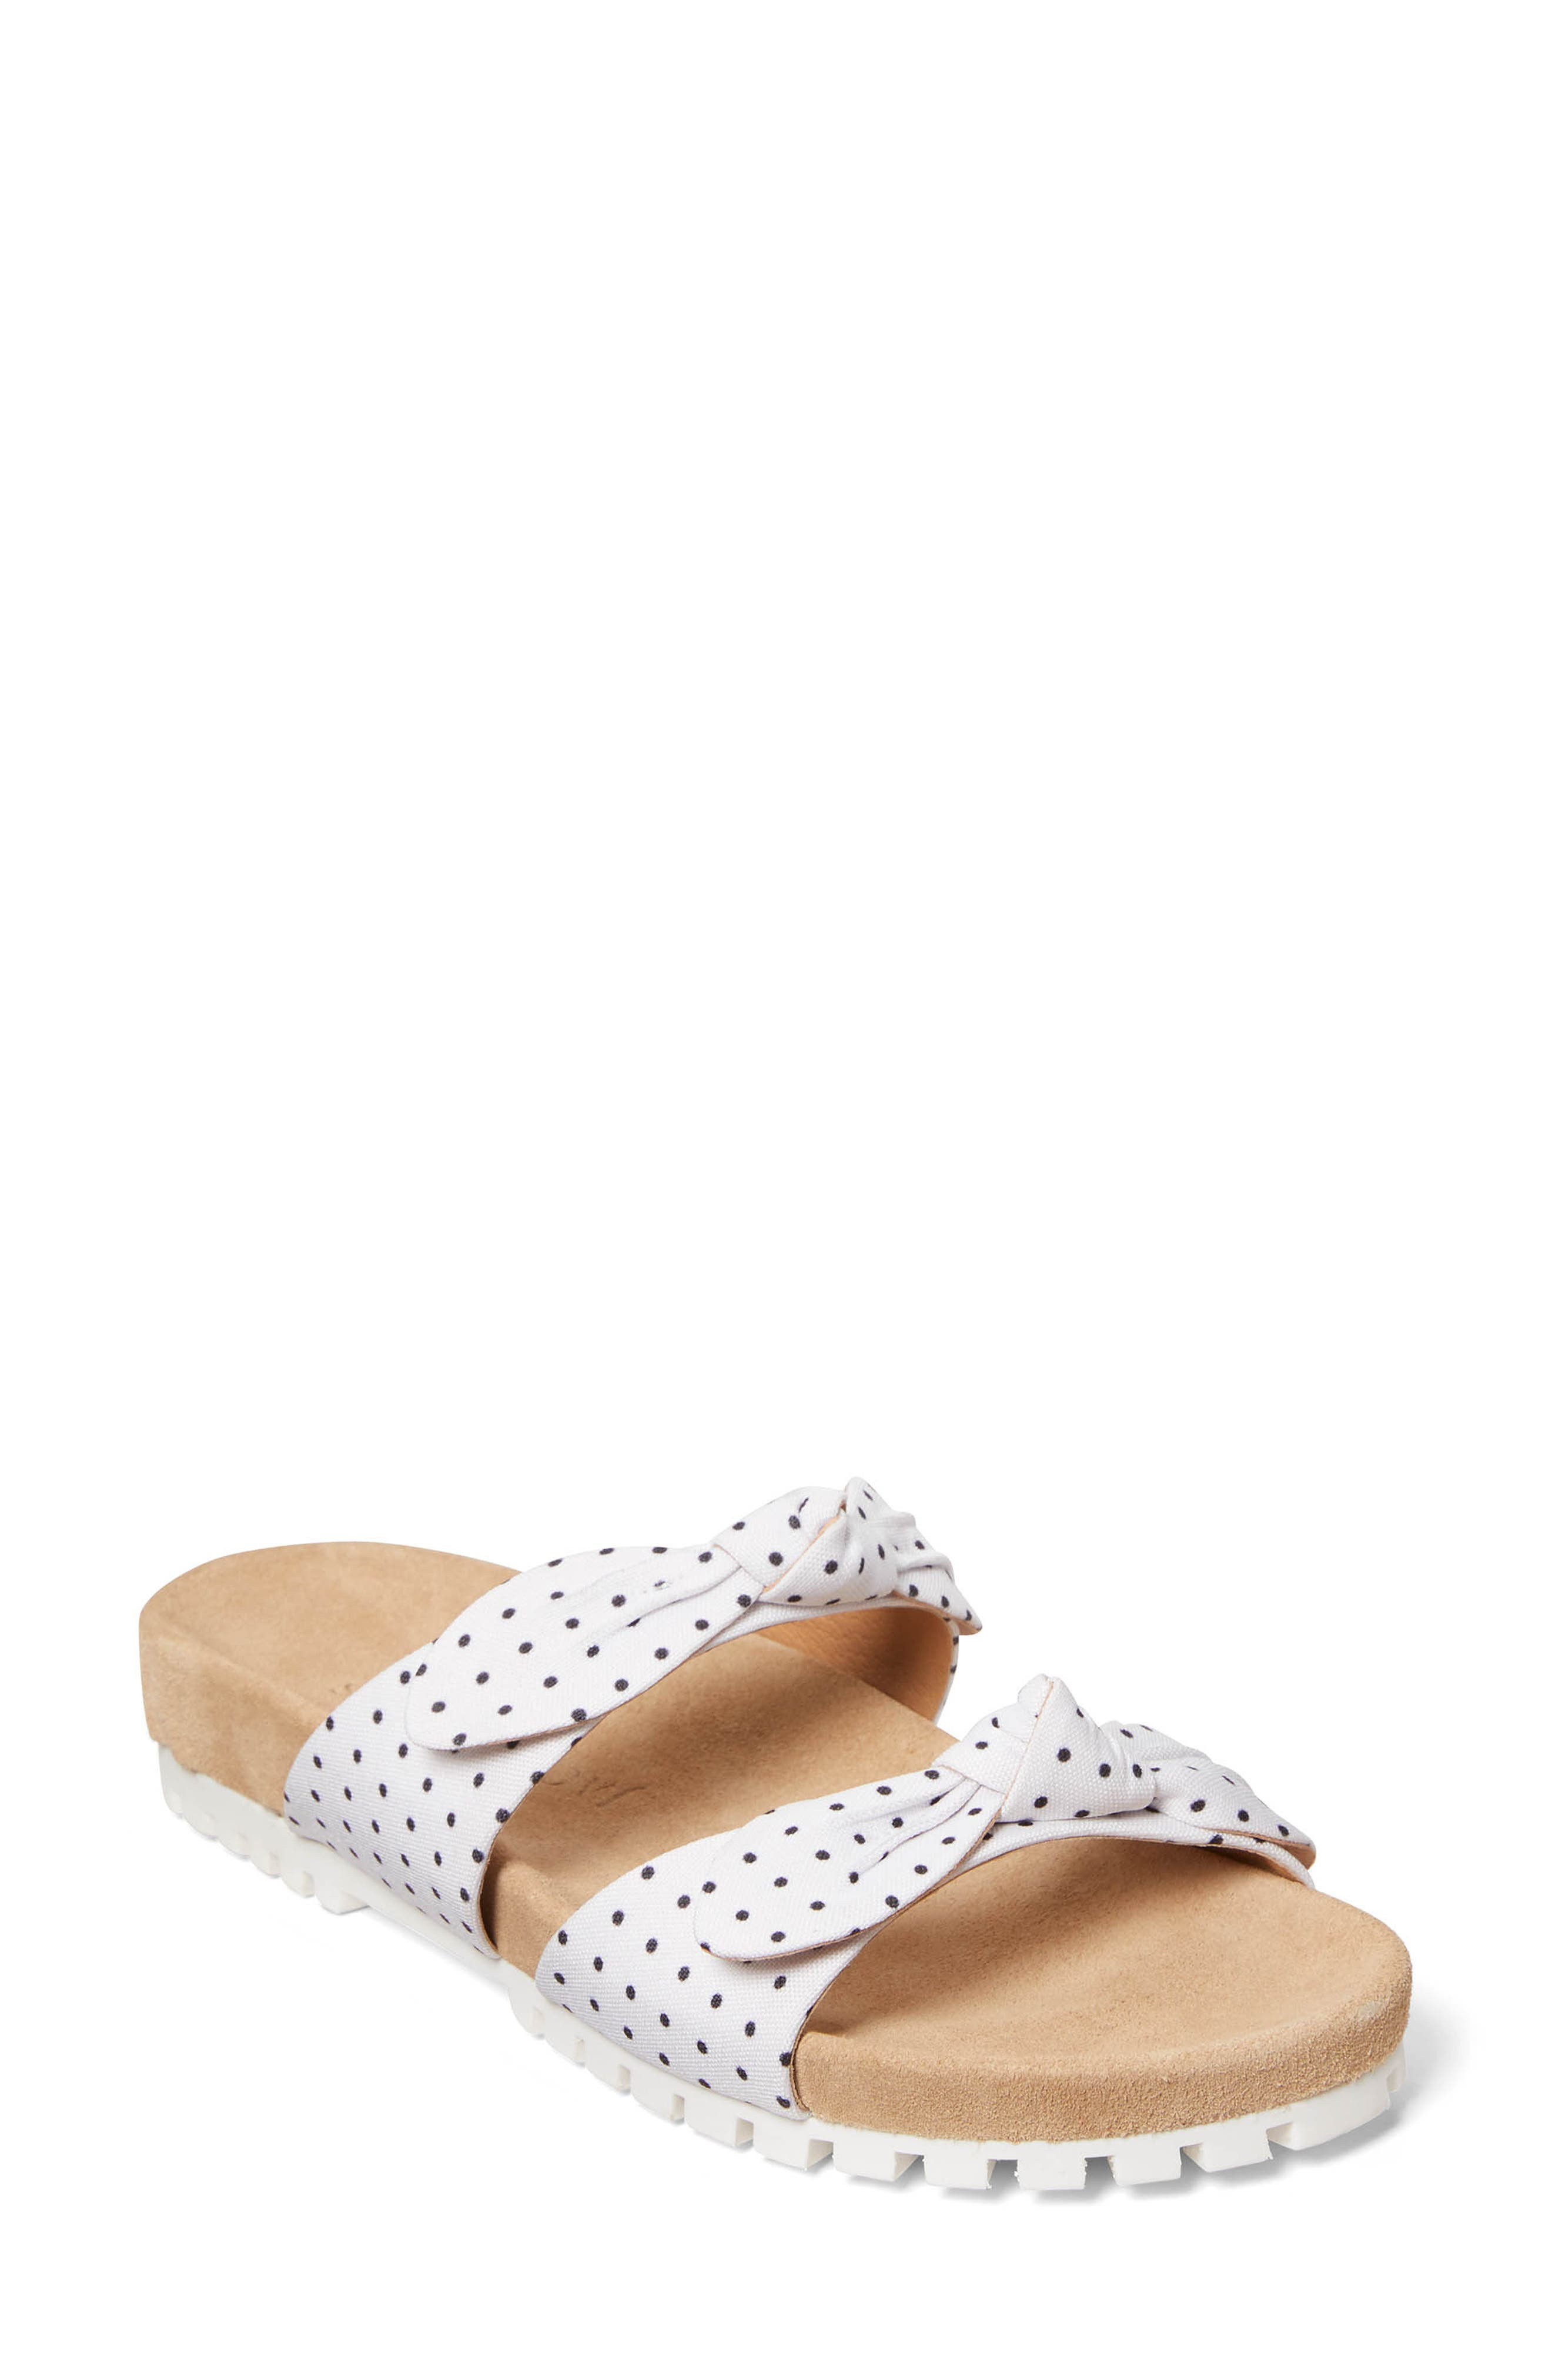 Rose Double Knot Slide Sandal